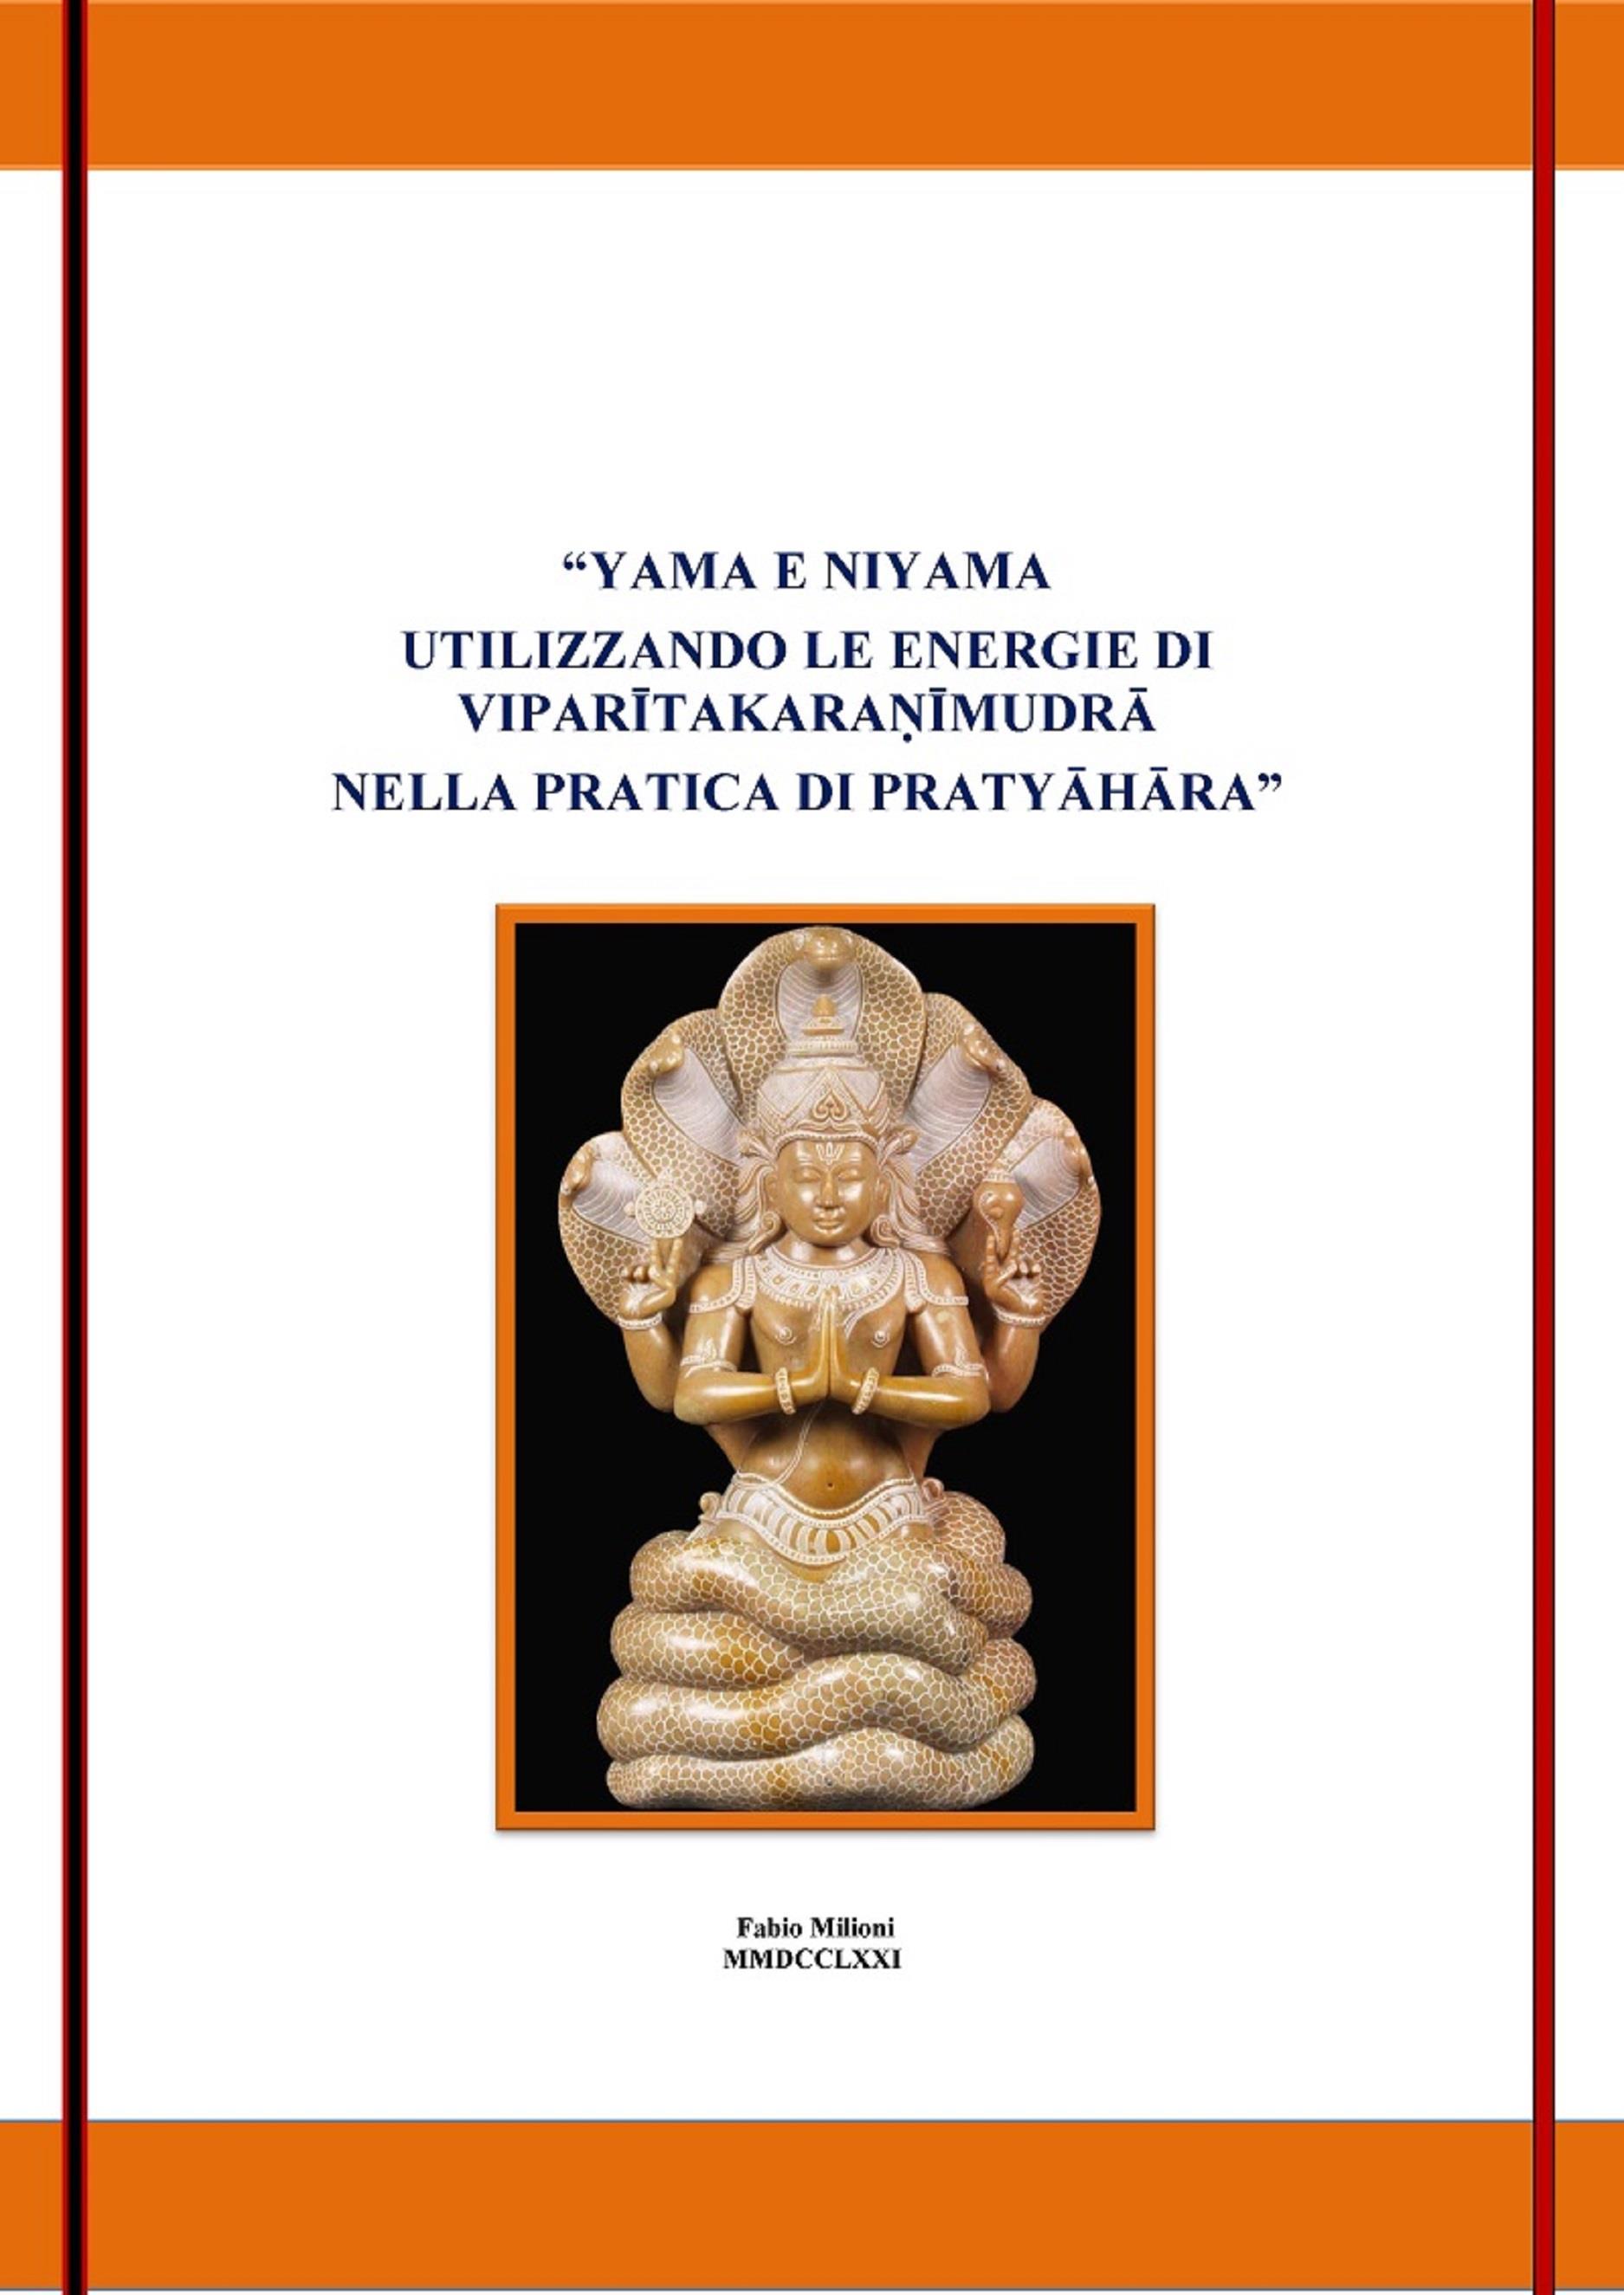 Yama e Niyama utilizzando le energie di viparītakaraṇīmudrā nella pratica di antar mauna